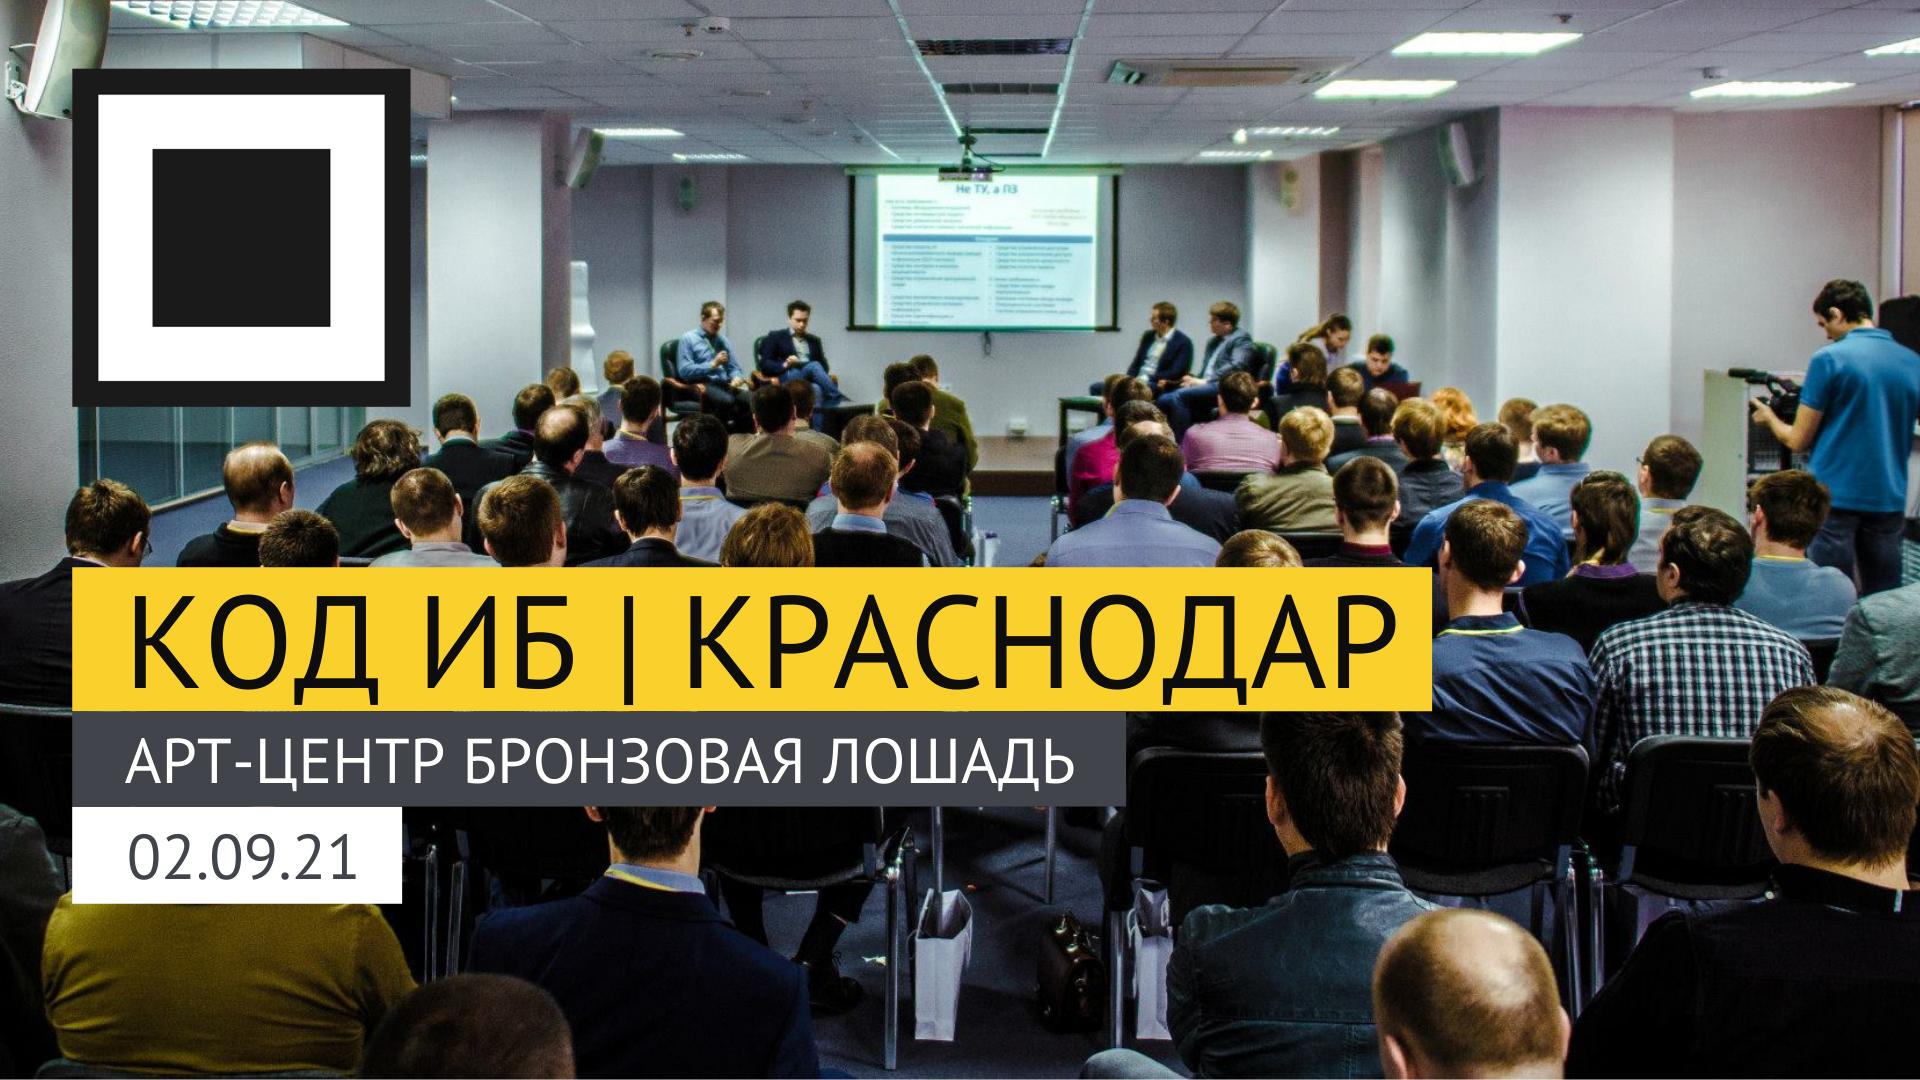 Конференция Код ИБ вновь приедет в Краснодар